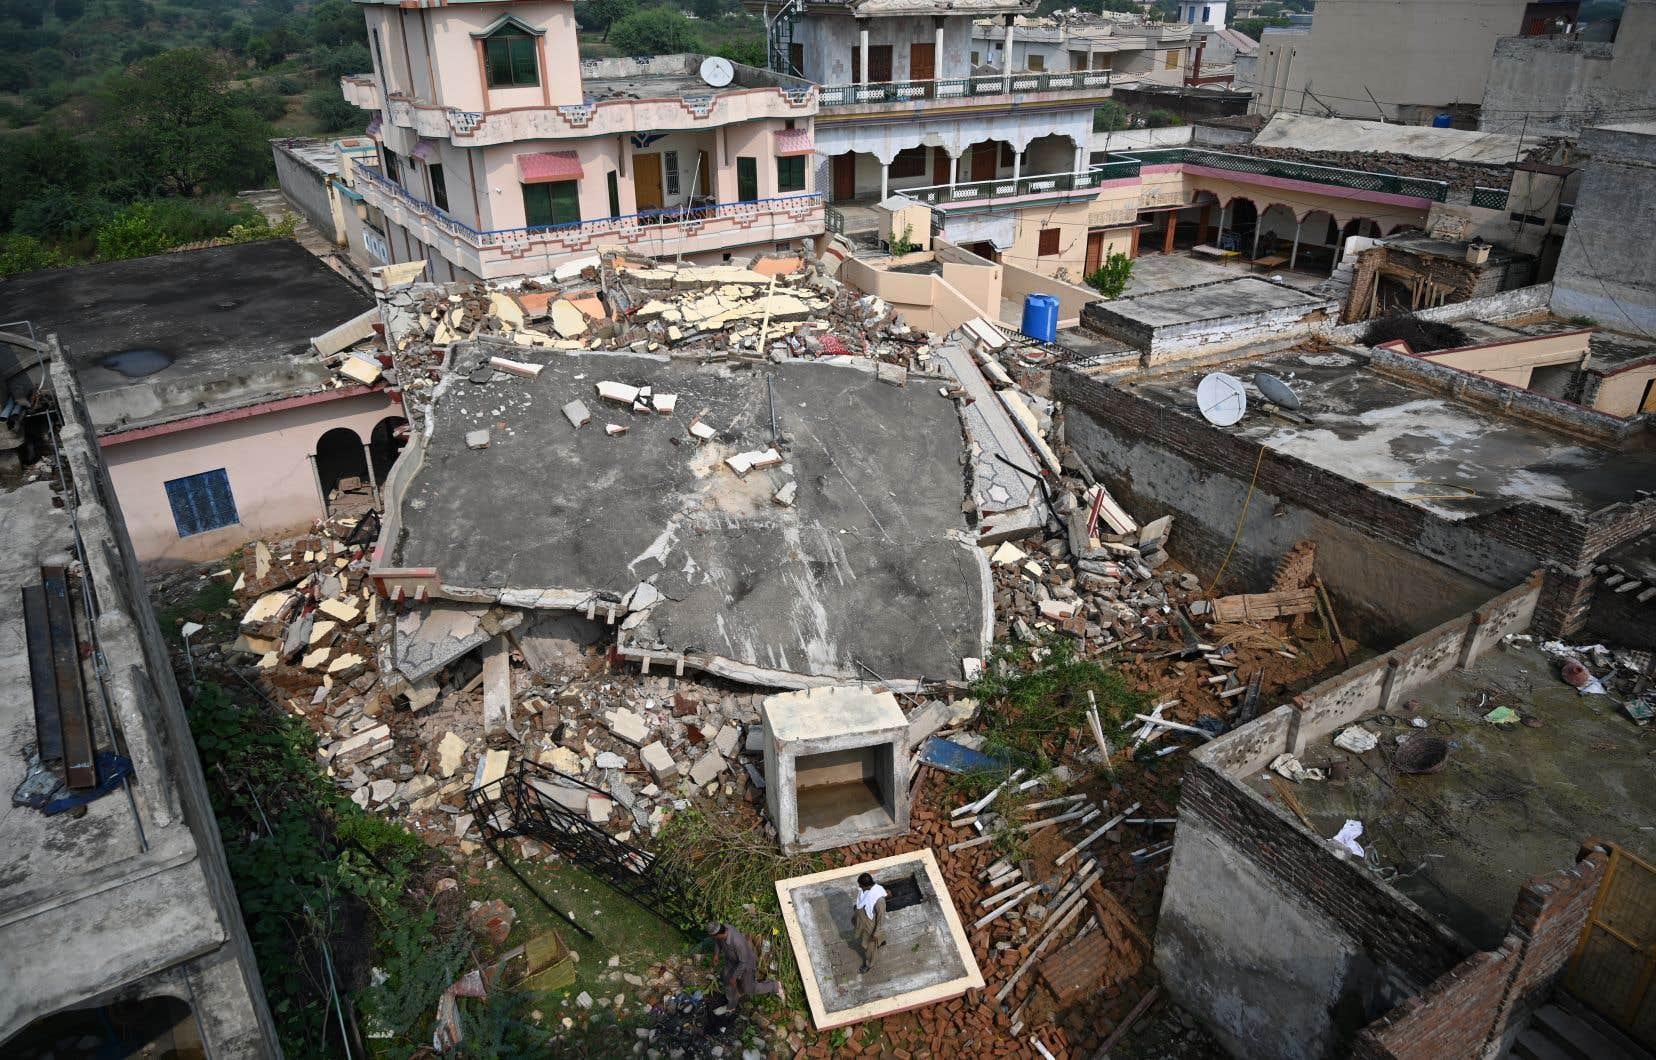 Le 24 septembre dernier, un séisme de magnitude 5,2 avait fait au moins 22 morts et plus de 300 blessés dans la partie du Cachemire contrôlée par le Pakistan, endommageant habitations et infrastructures dans cette région himalayenne.